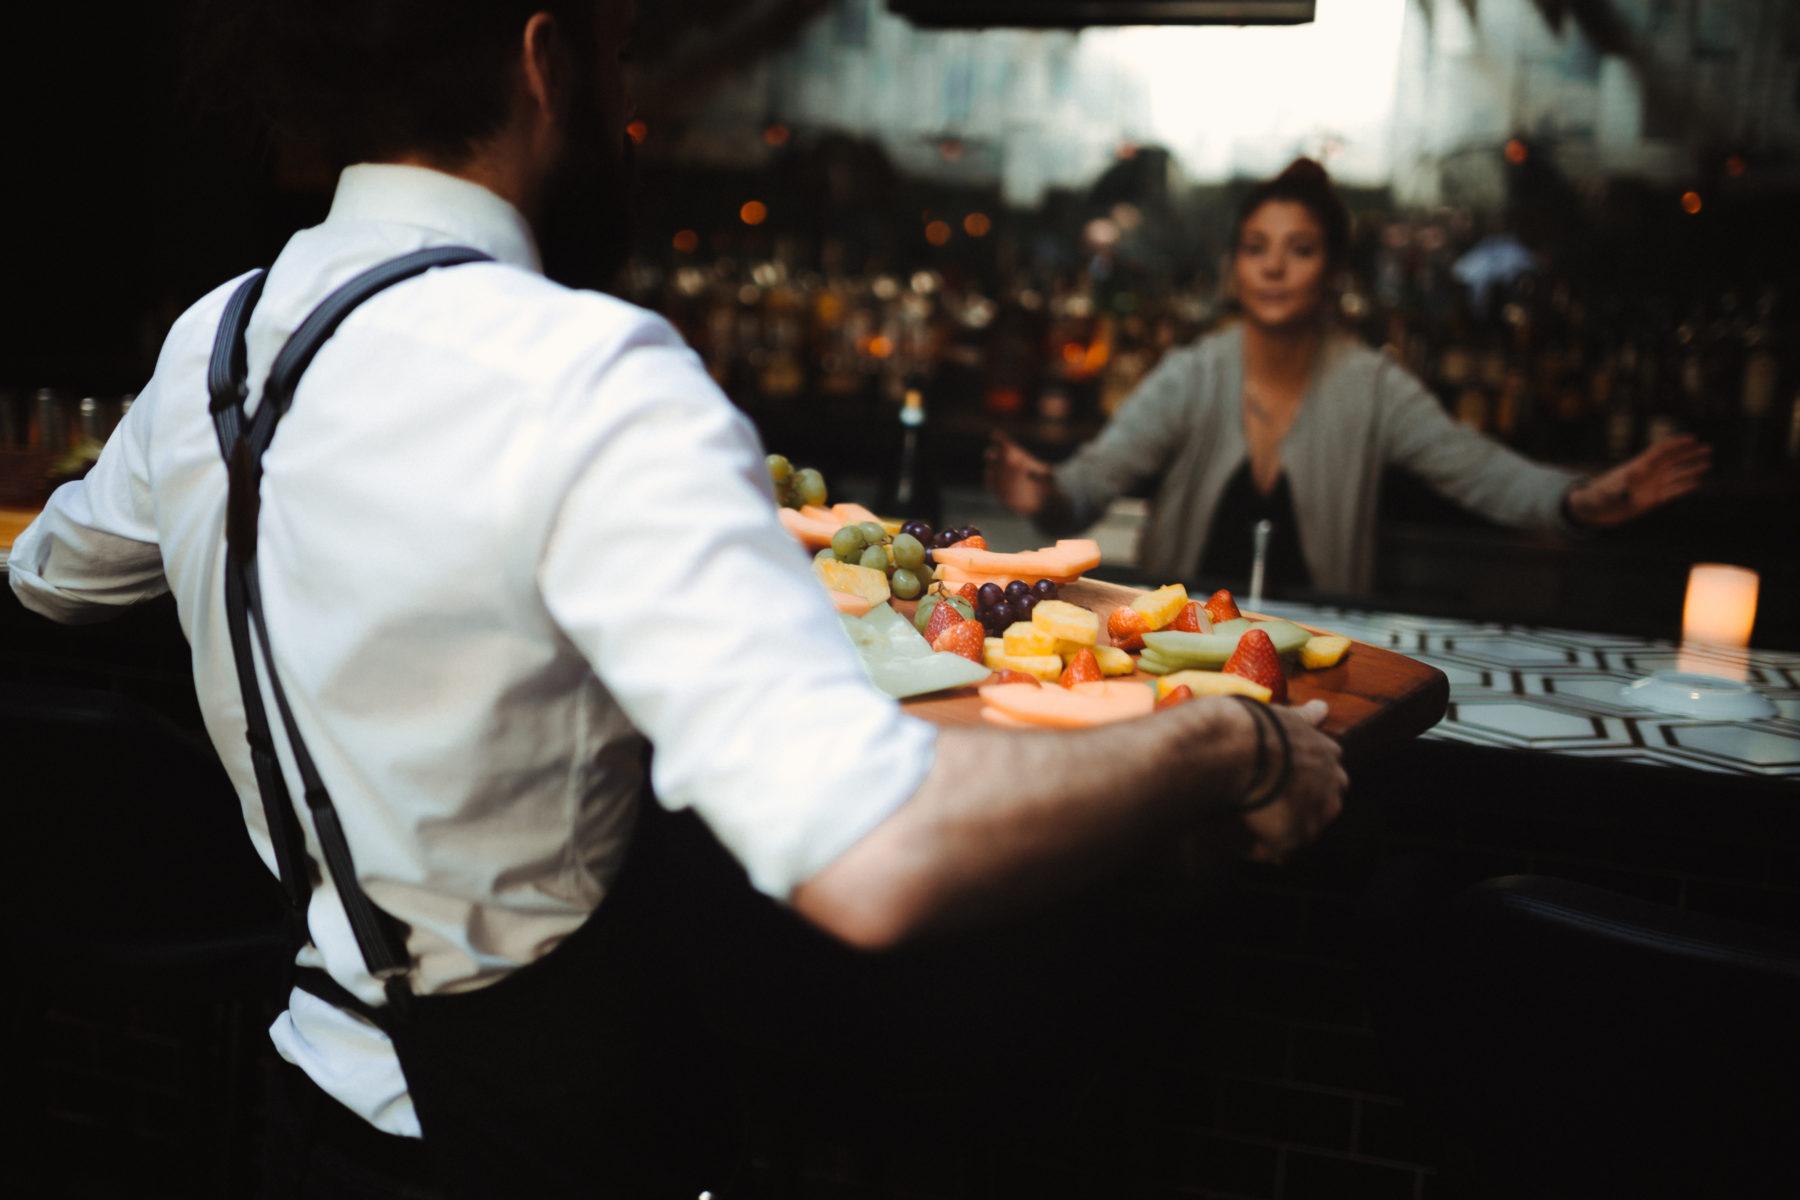 Moto Nashville Food: Nashville brunch elopement featured on Nashville Bride Guide